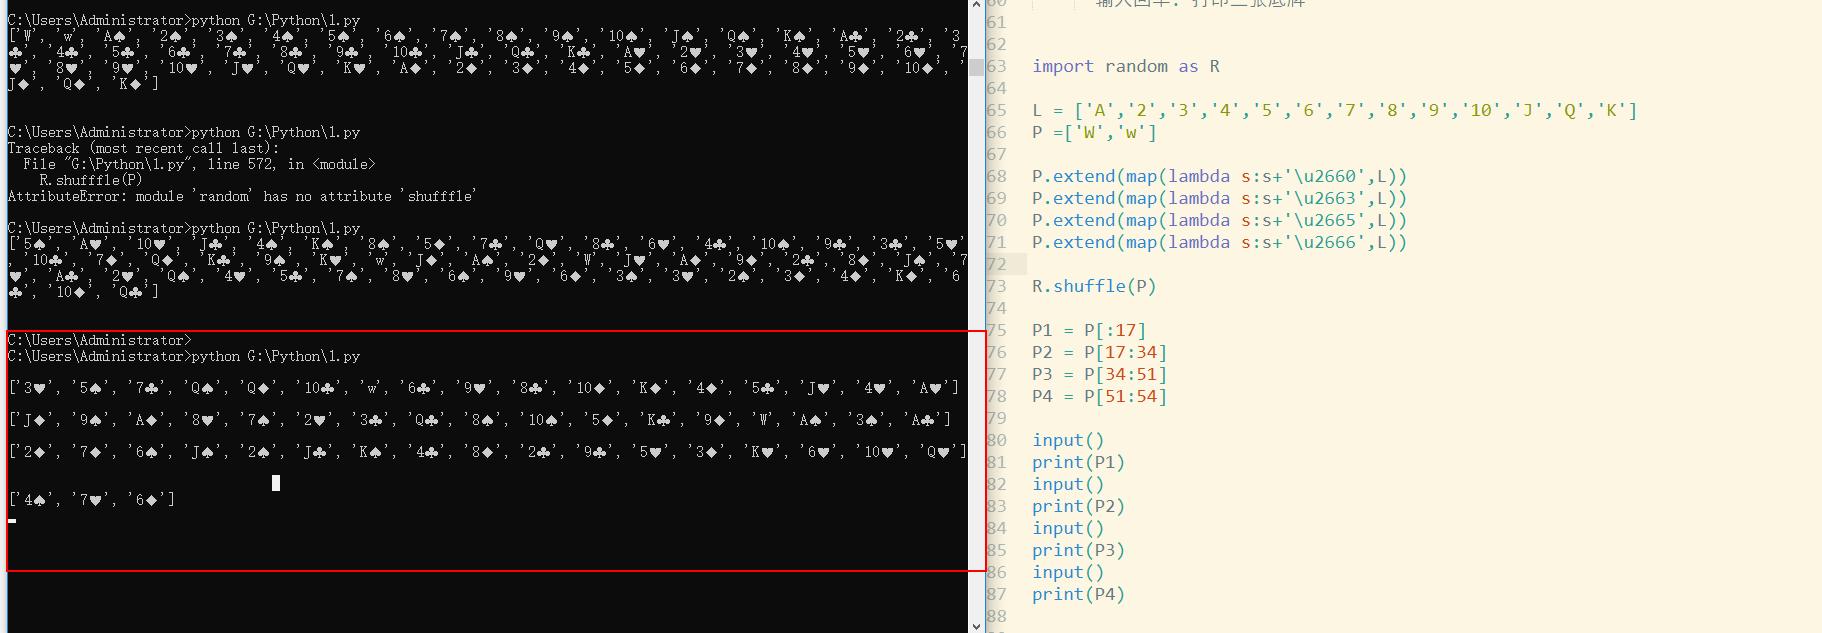 Python模拟斗地主发牌题,牌共54张,三个人玩,每个人发17张牌,底牌留三张